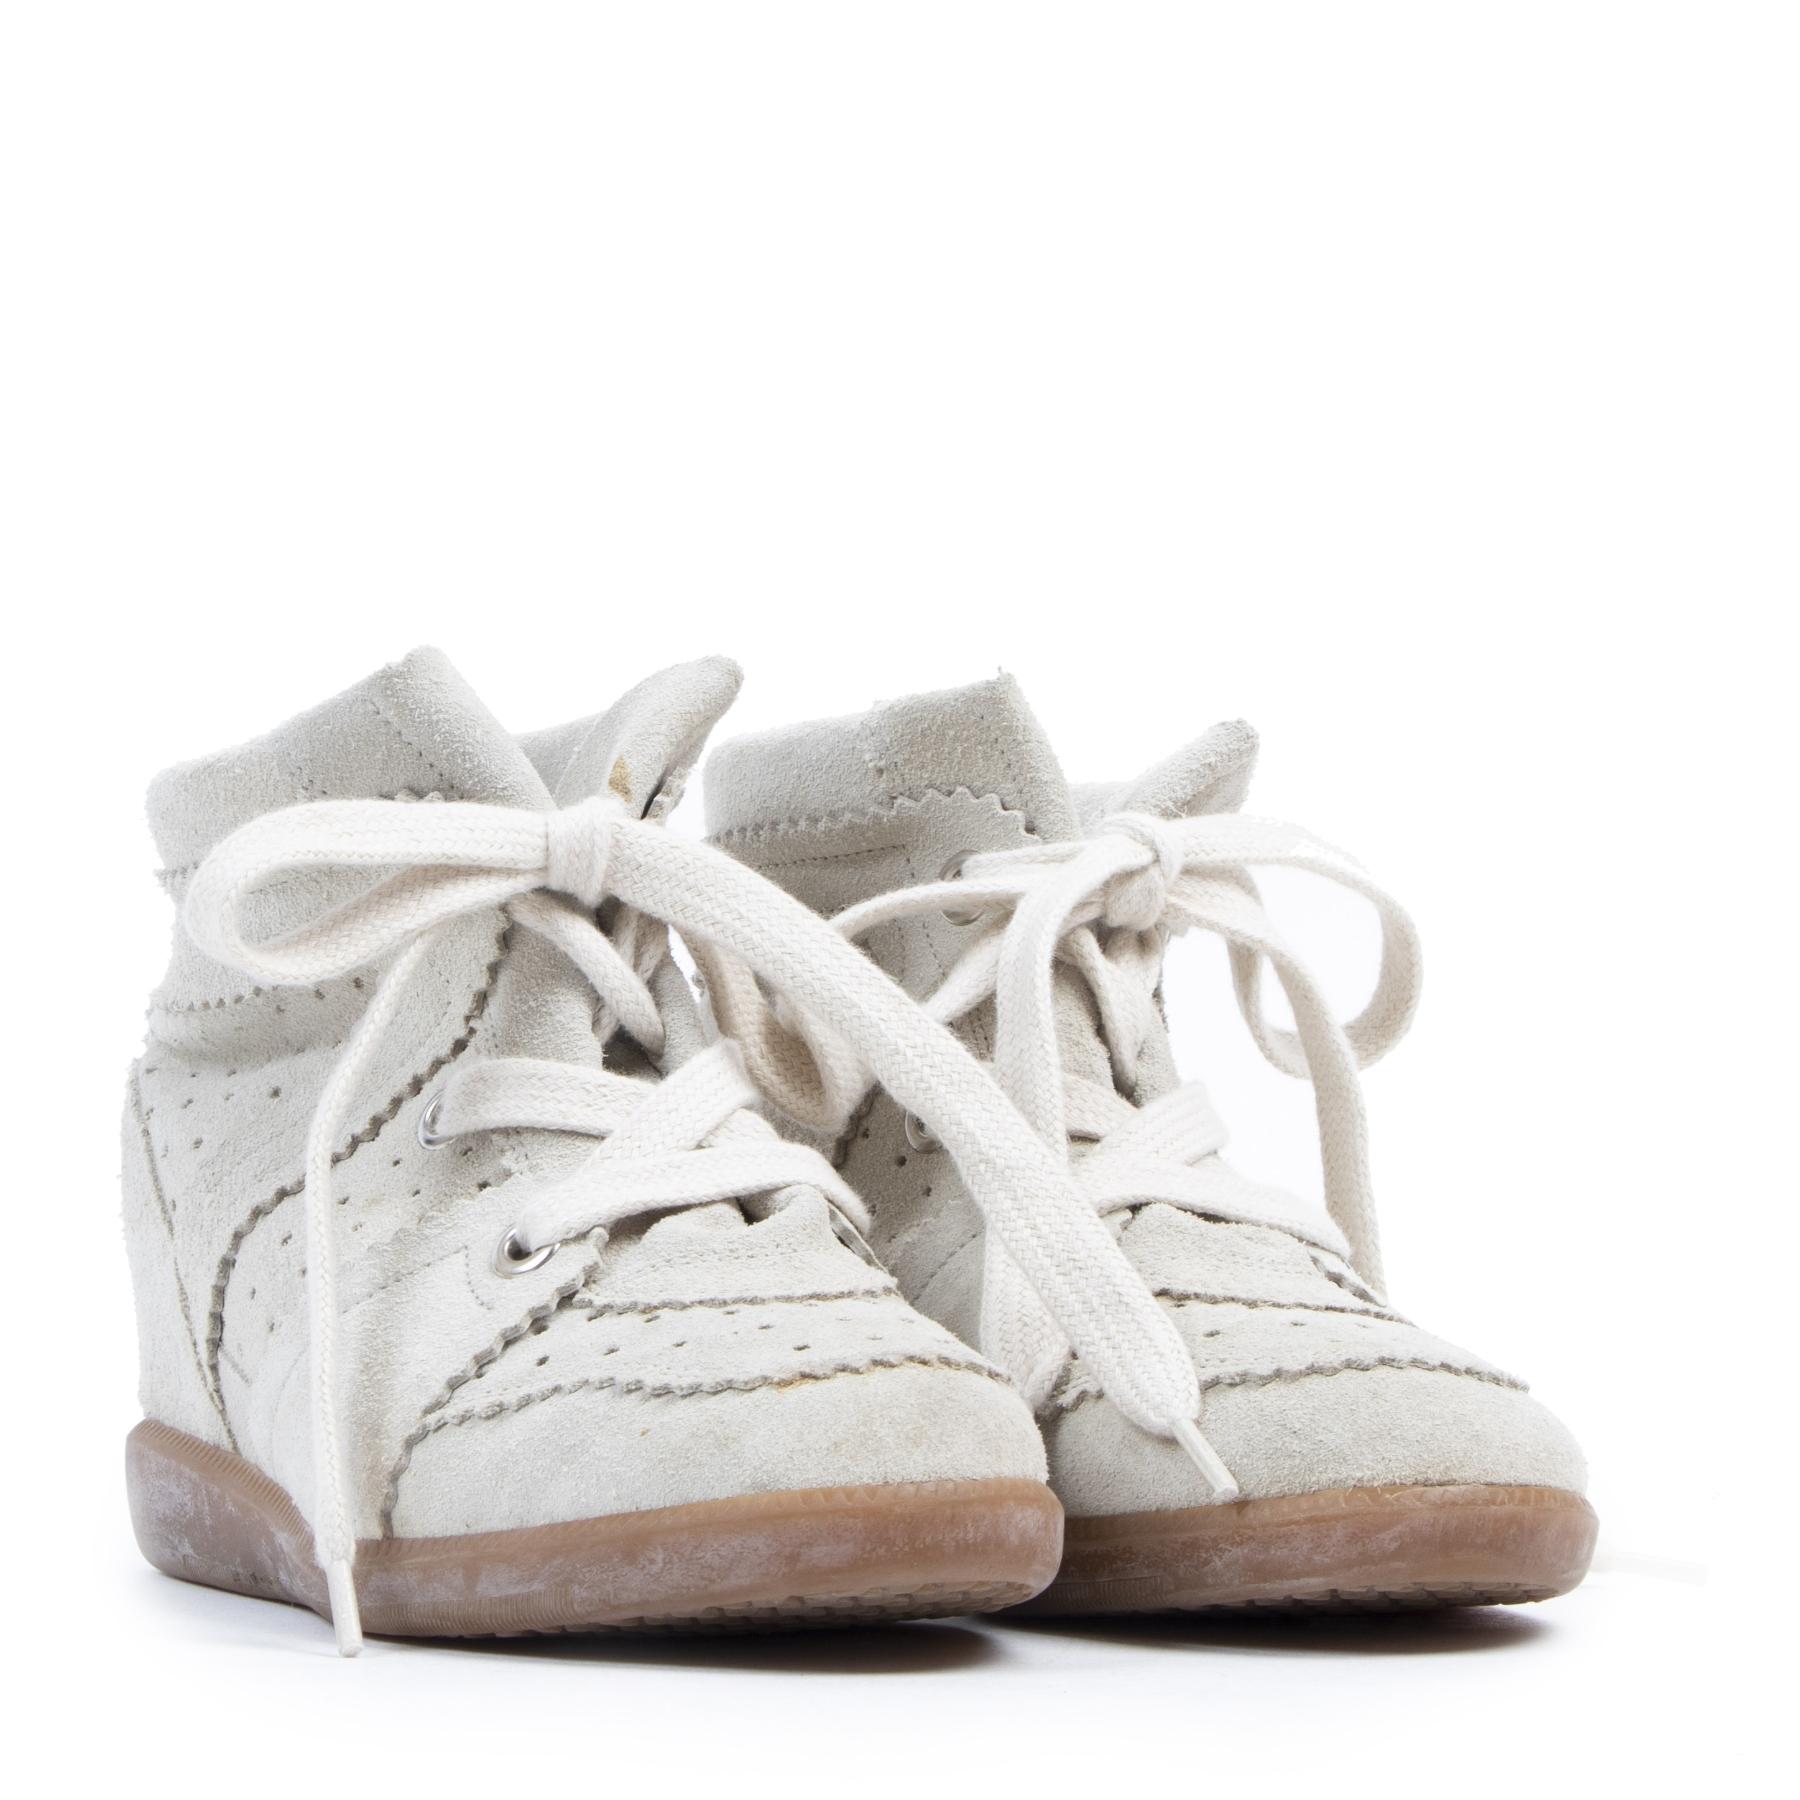 Authentieke tweedehands vintage Isabel Marant Bobby Wedge Sneakers - Size 36 koop online webshop LabelLOV